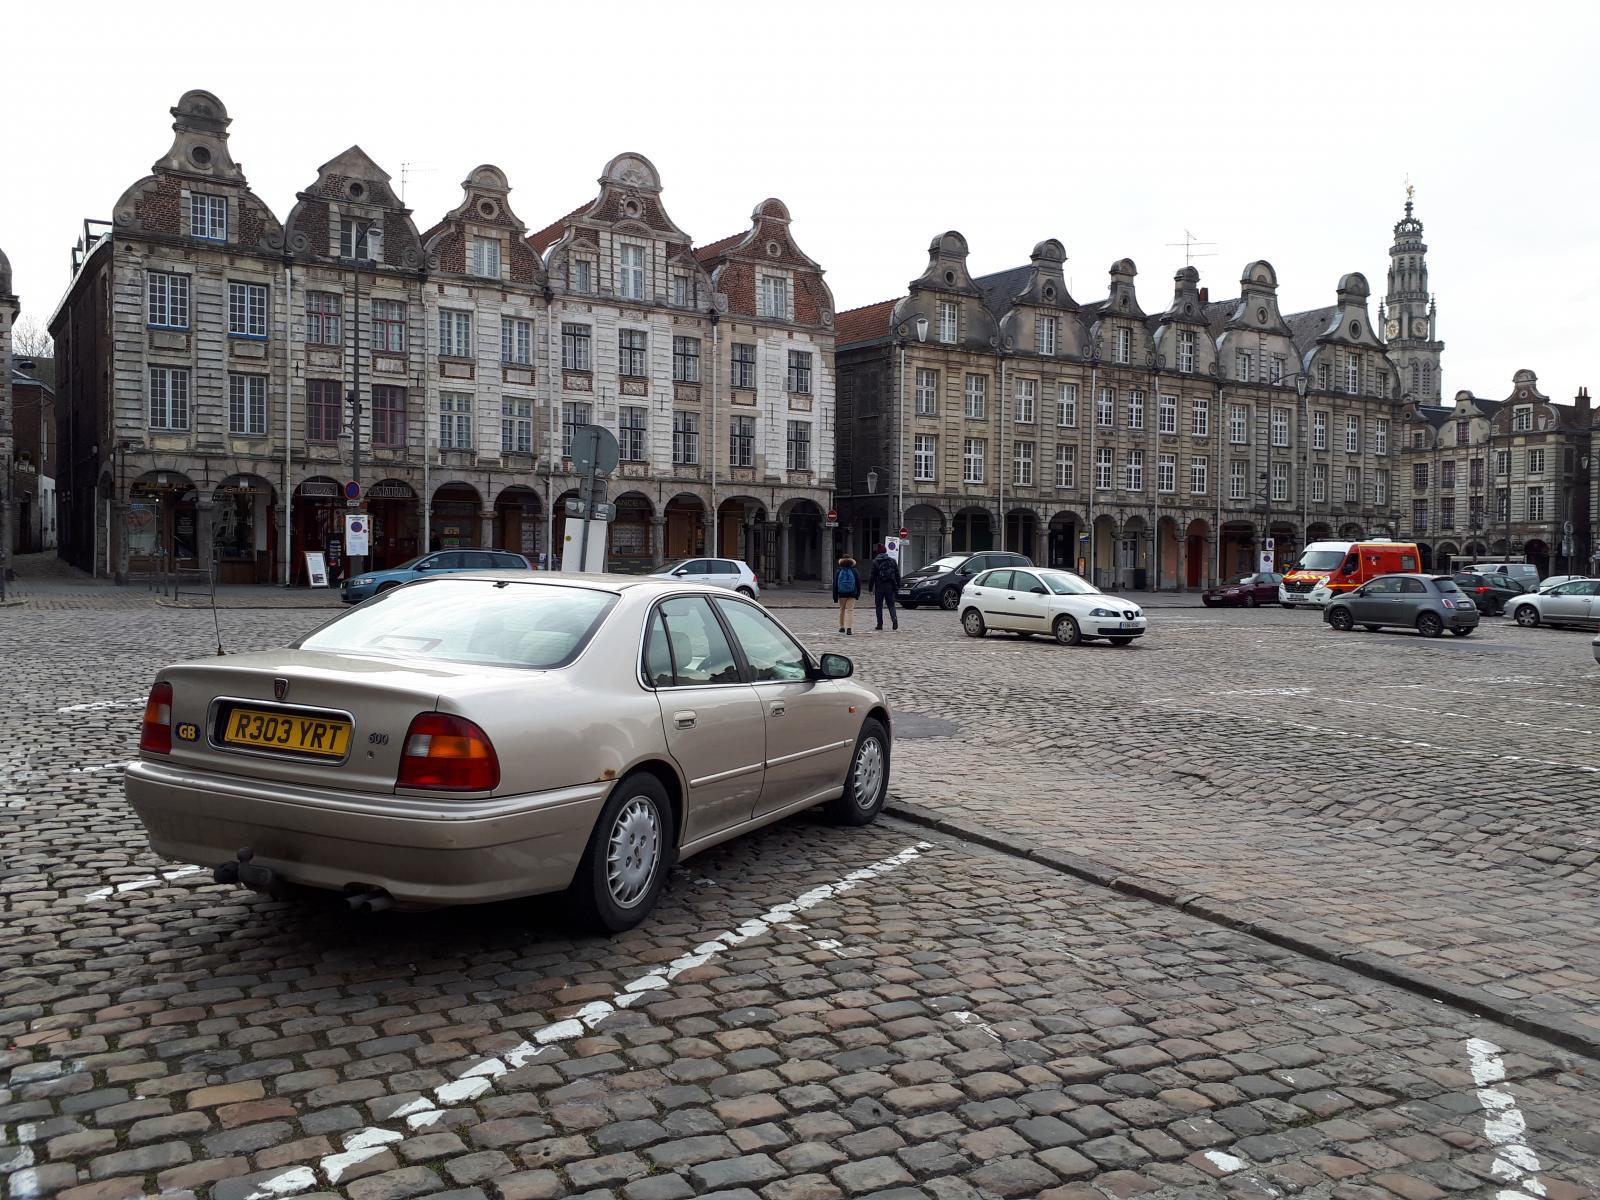 Arras_a touch of class.jpg